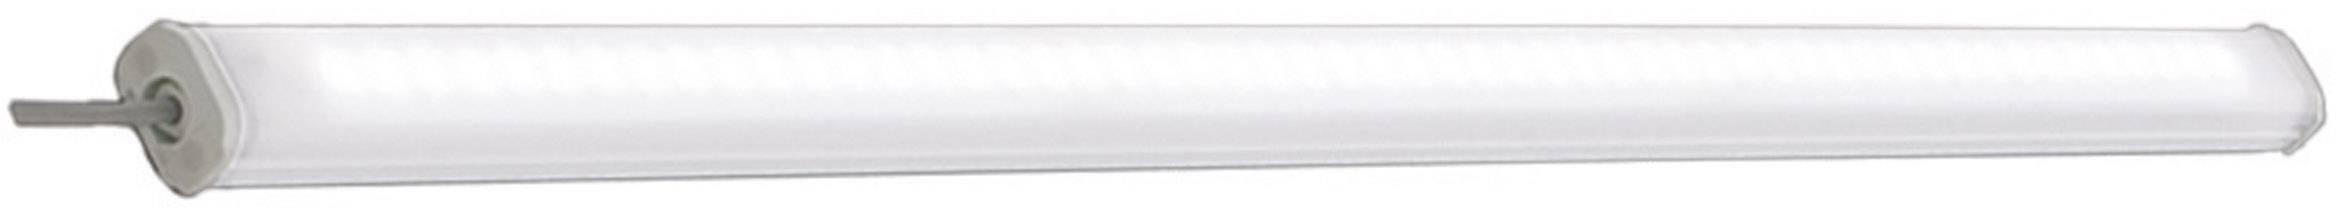 LED osvětlení zařízení LUMIFA Idec LF2B-E4P-ATHWW2-1M, 90-264 V/AC, bílá